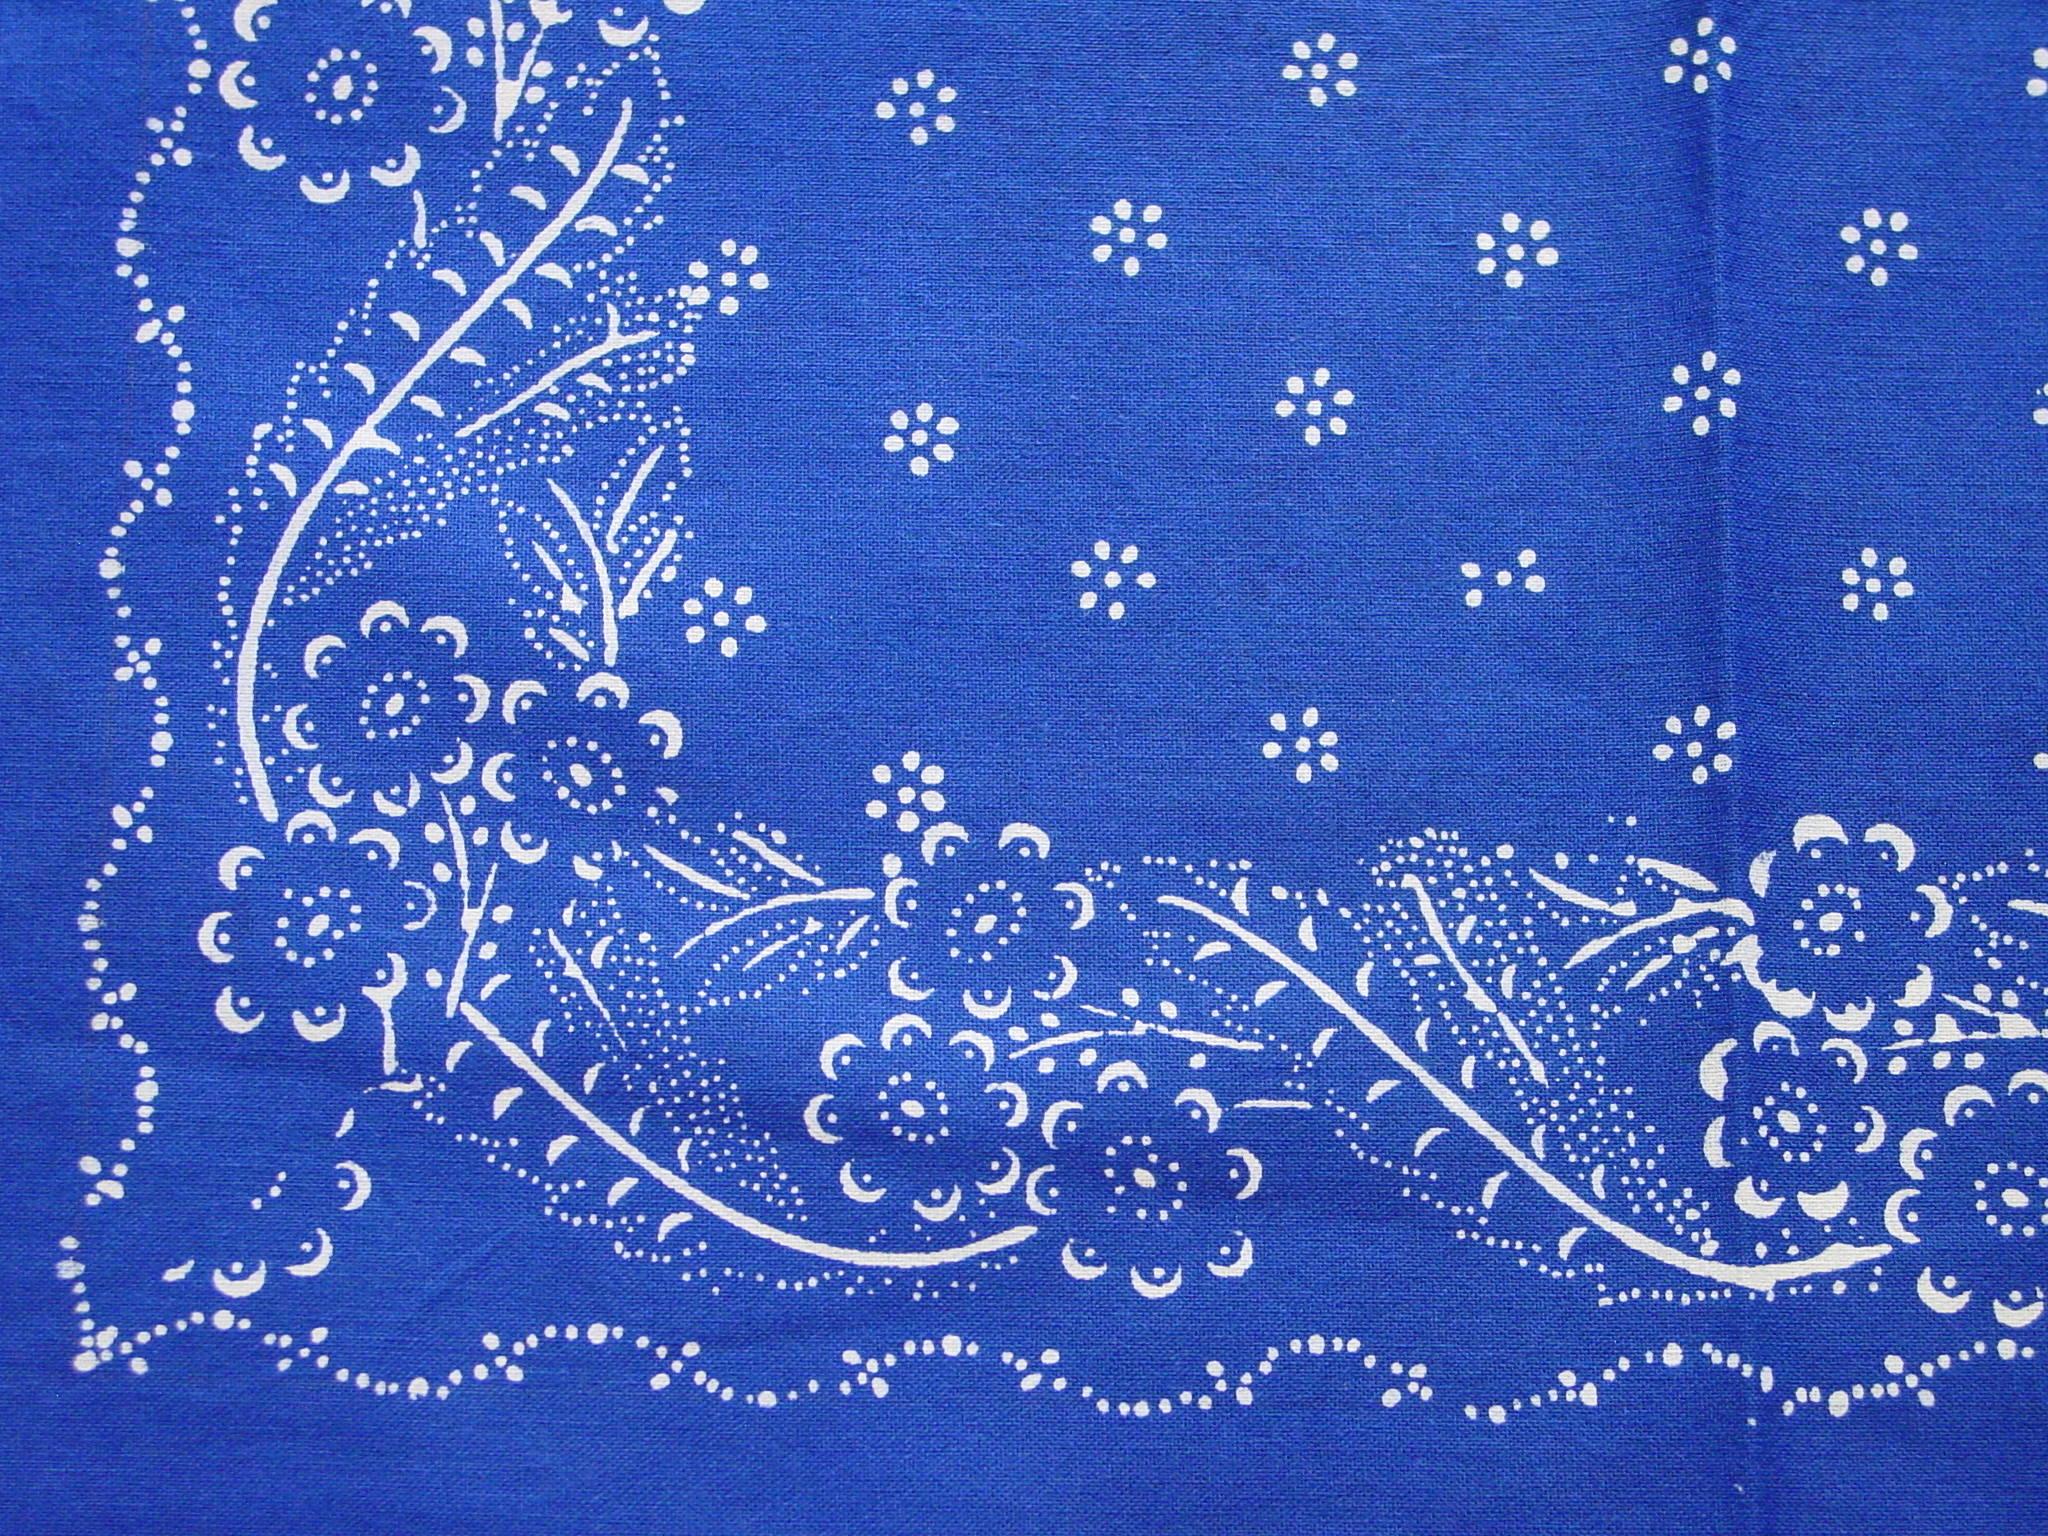 Blaudruck - Deckchen 6119-1032